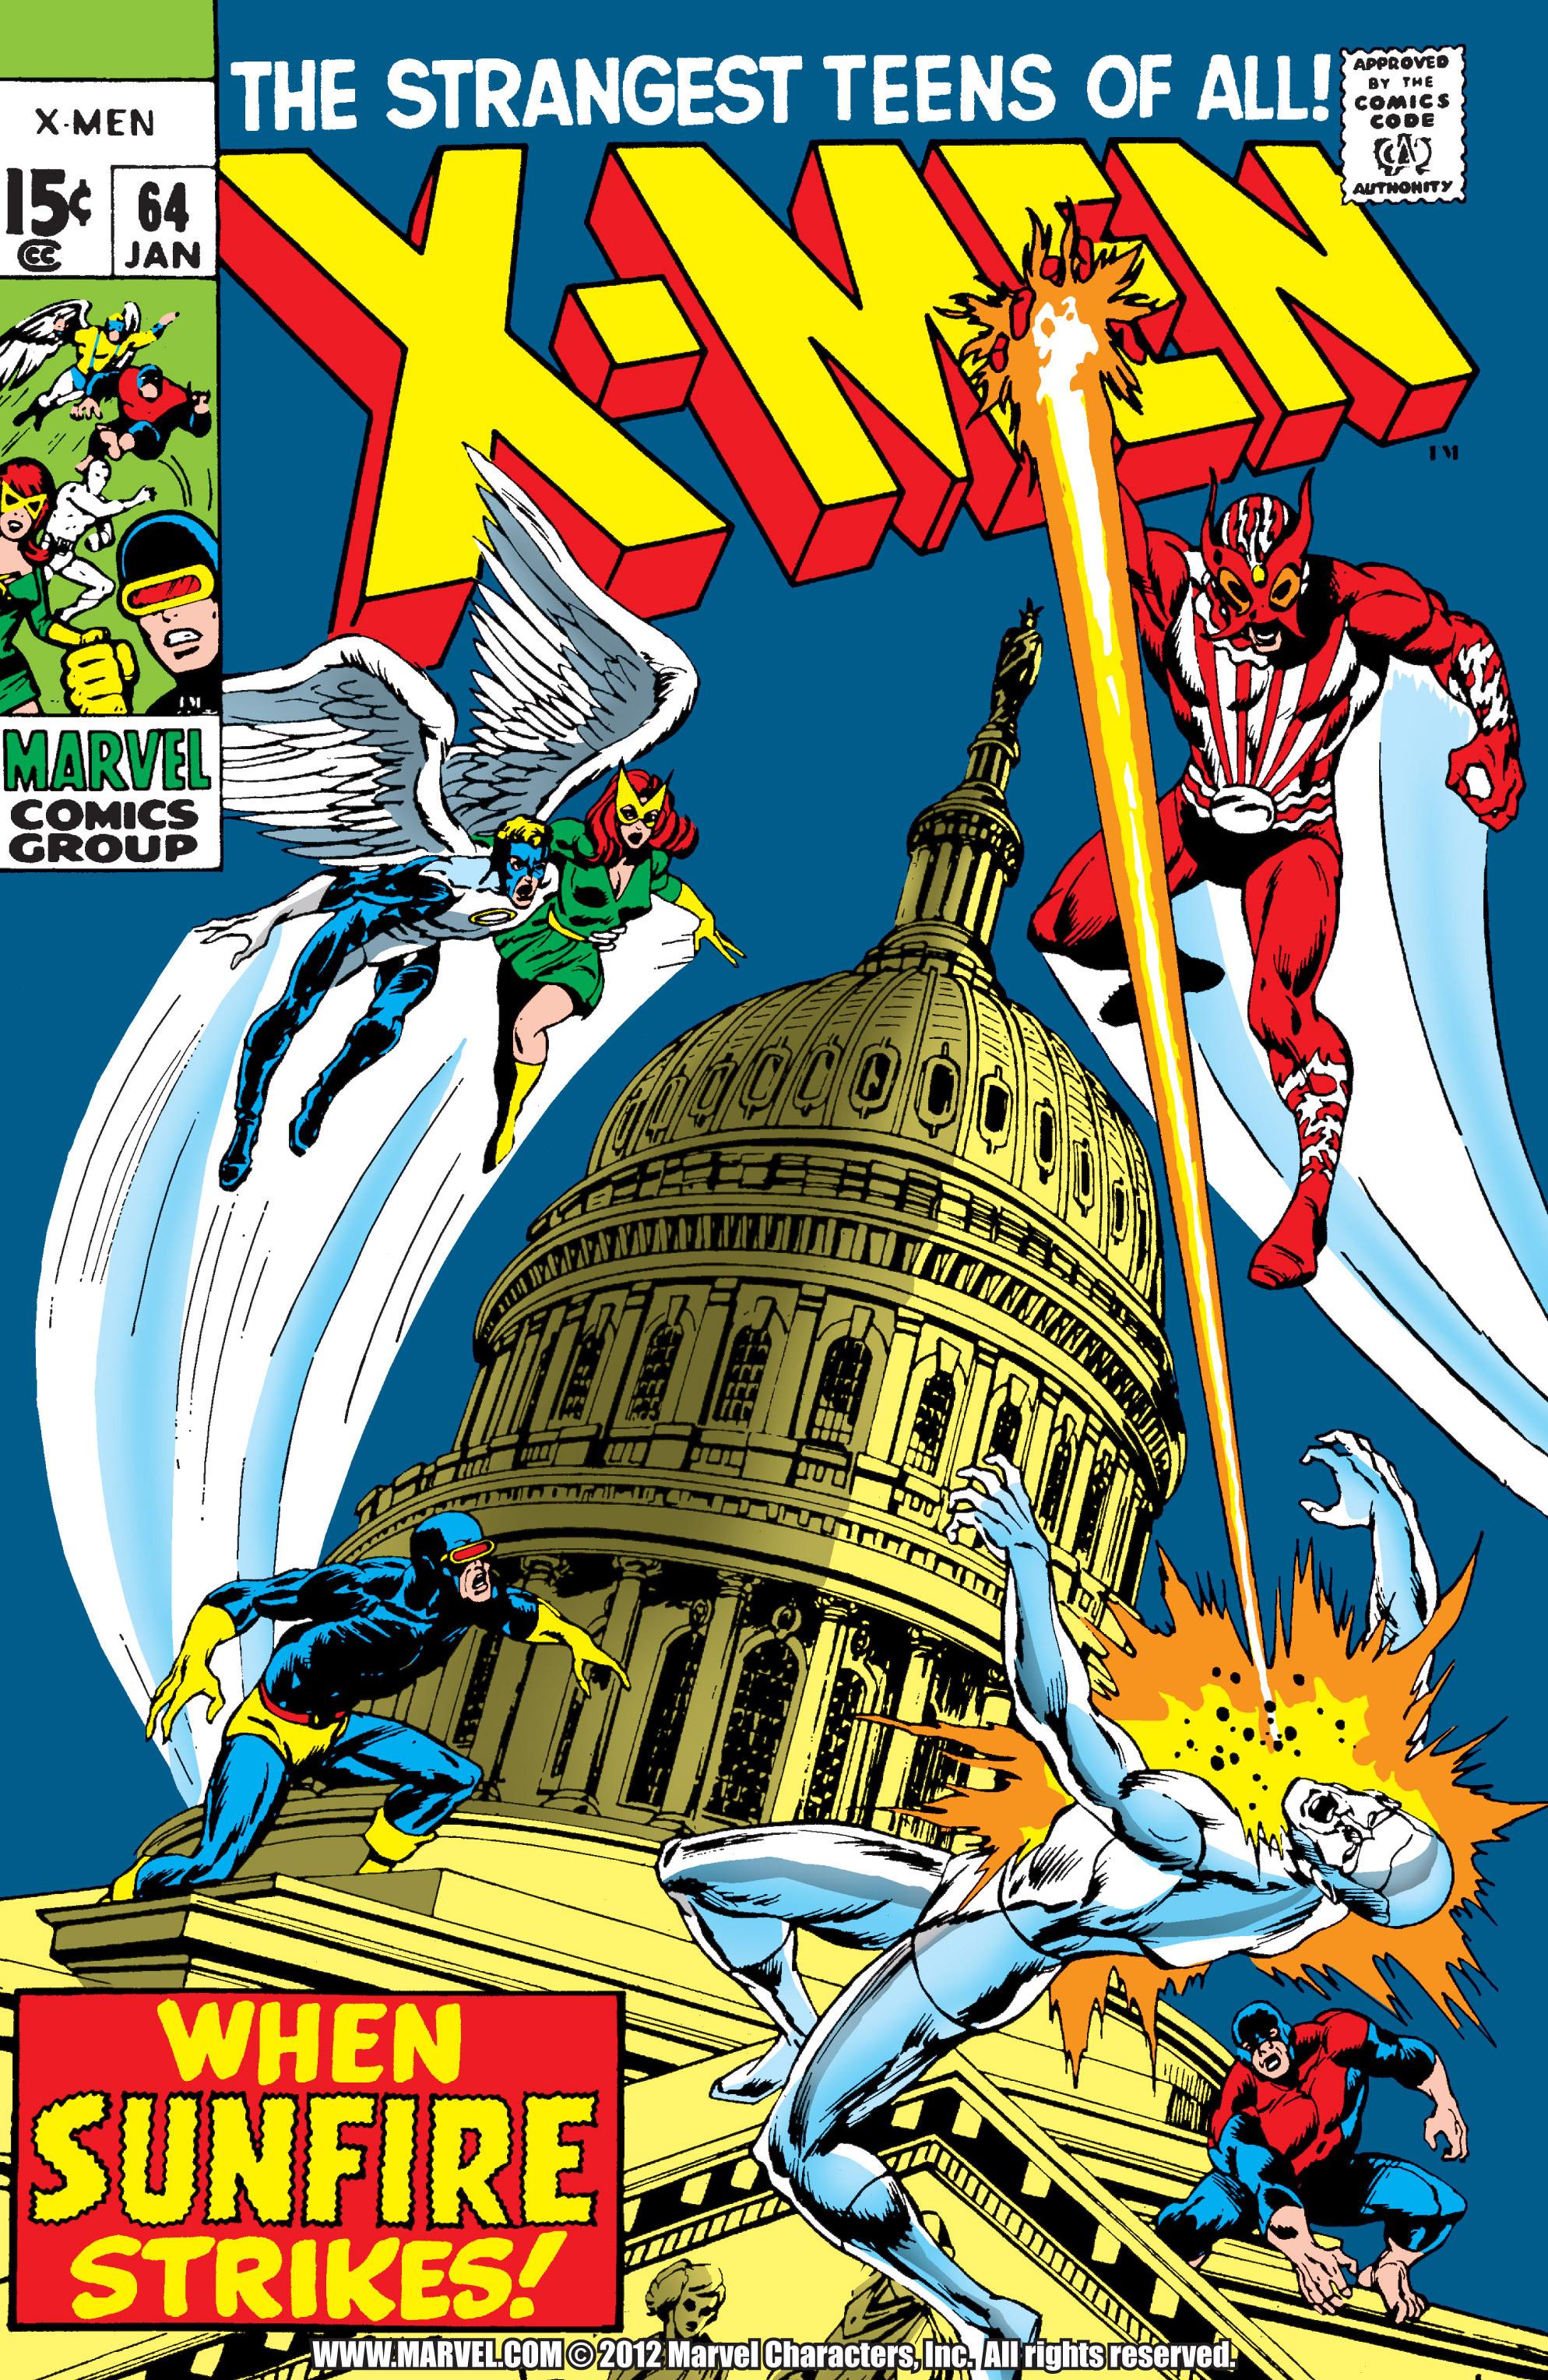 Uncanny X-Men (1963) 64 Page 1